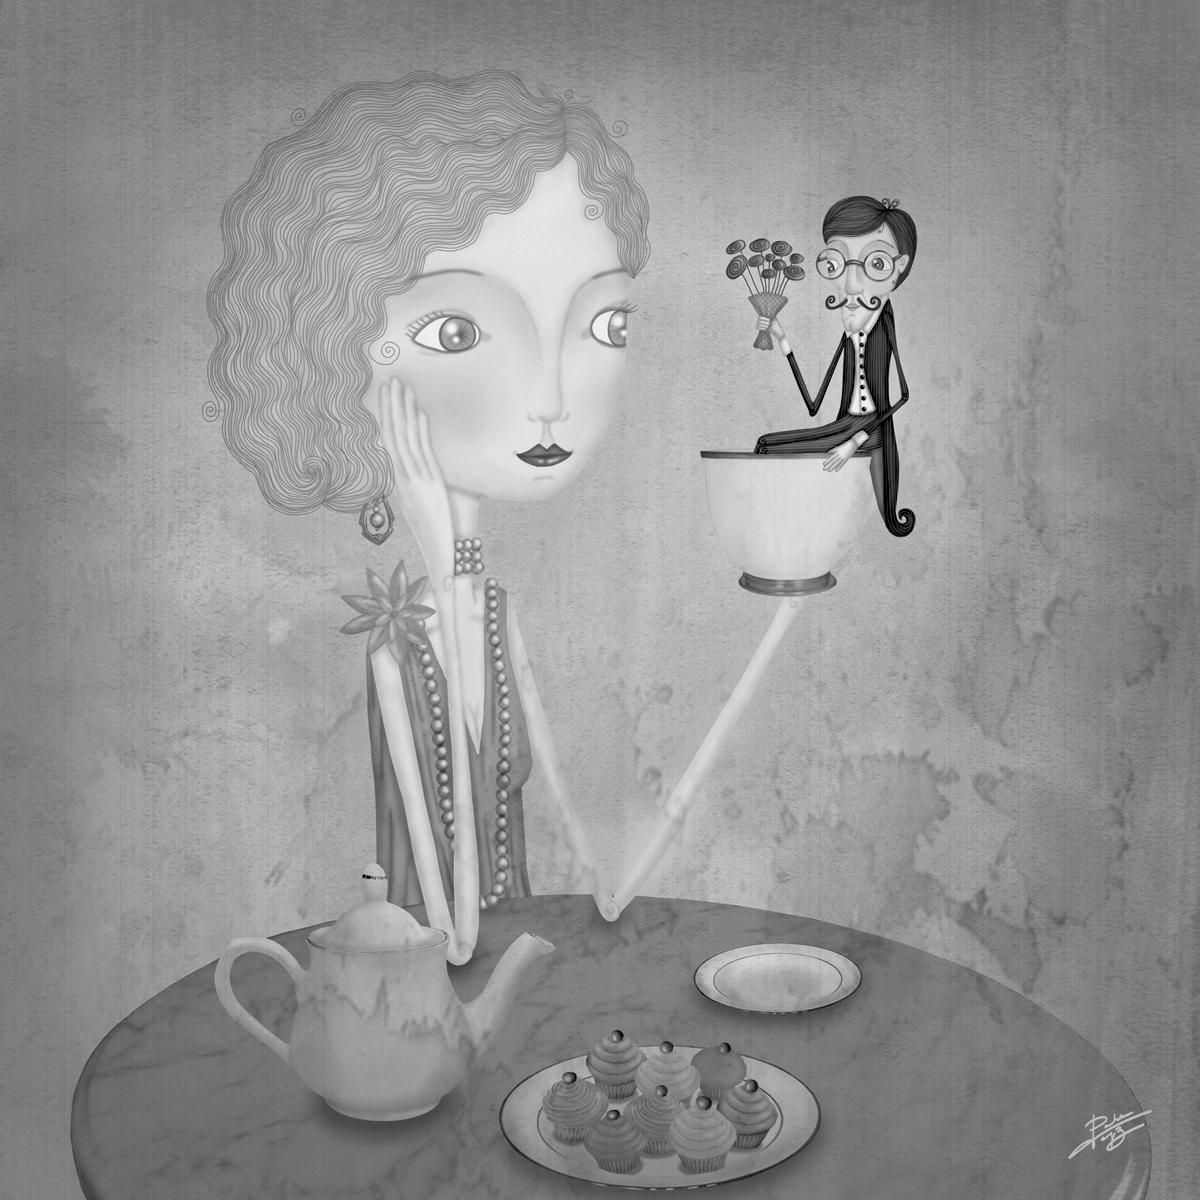 decoración bebé infantil regalo dibujo arte diseño cine amor niños vintage ropa venta digital cuadro ilustración original b&n tea time amor cita flores caballero señorita naif